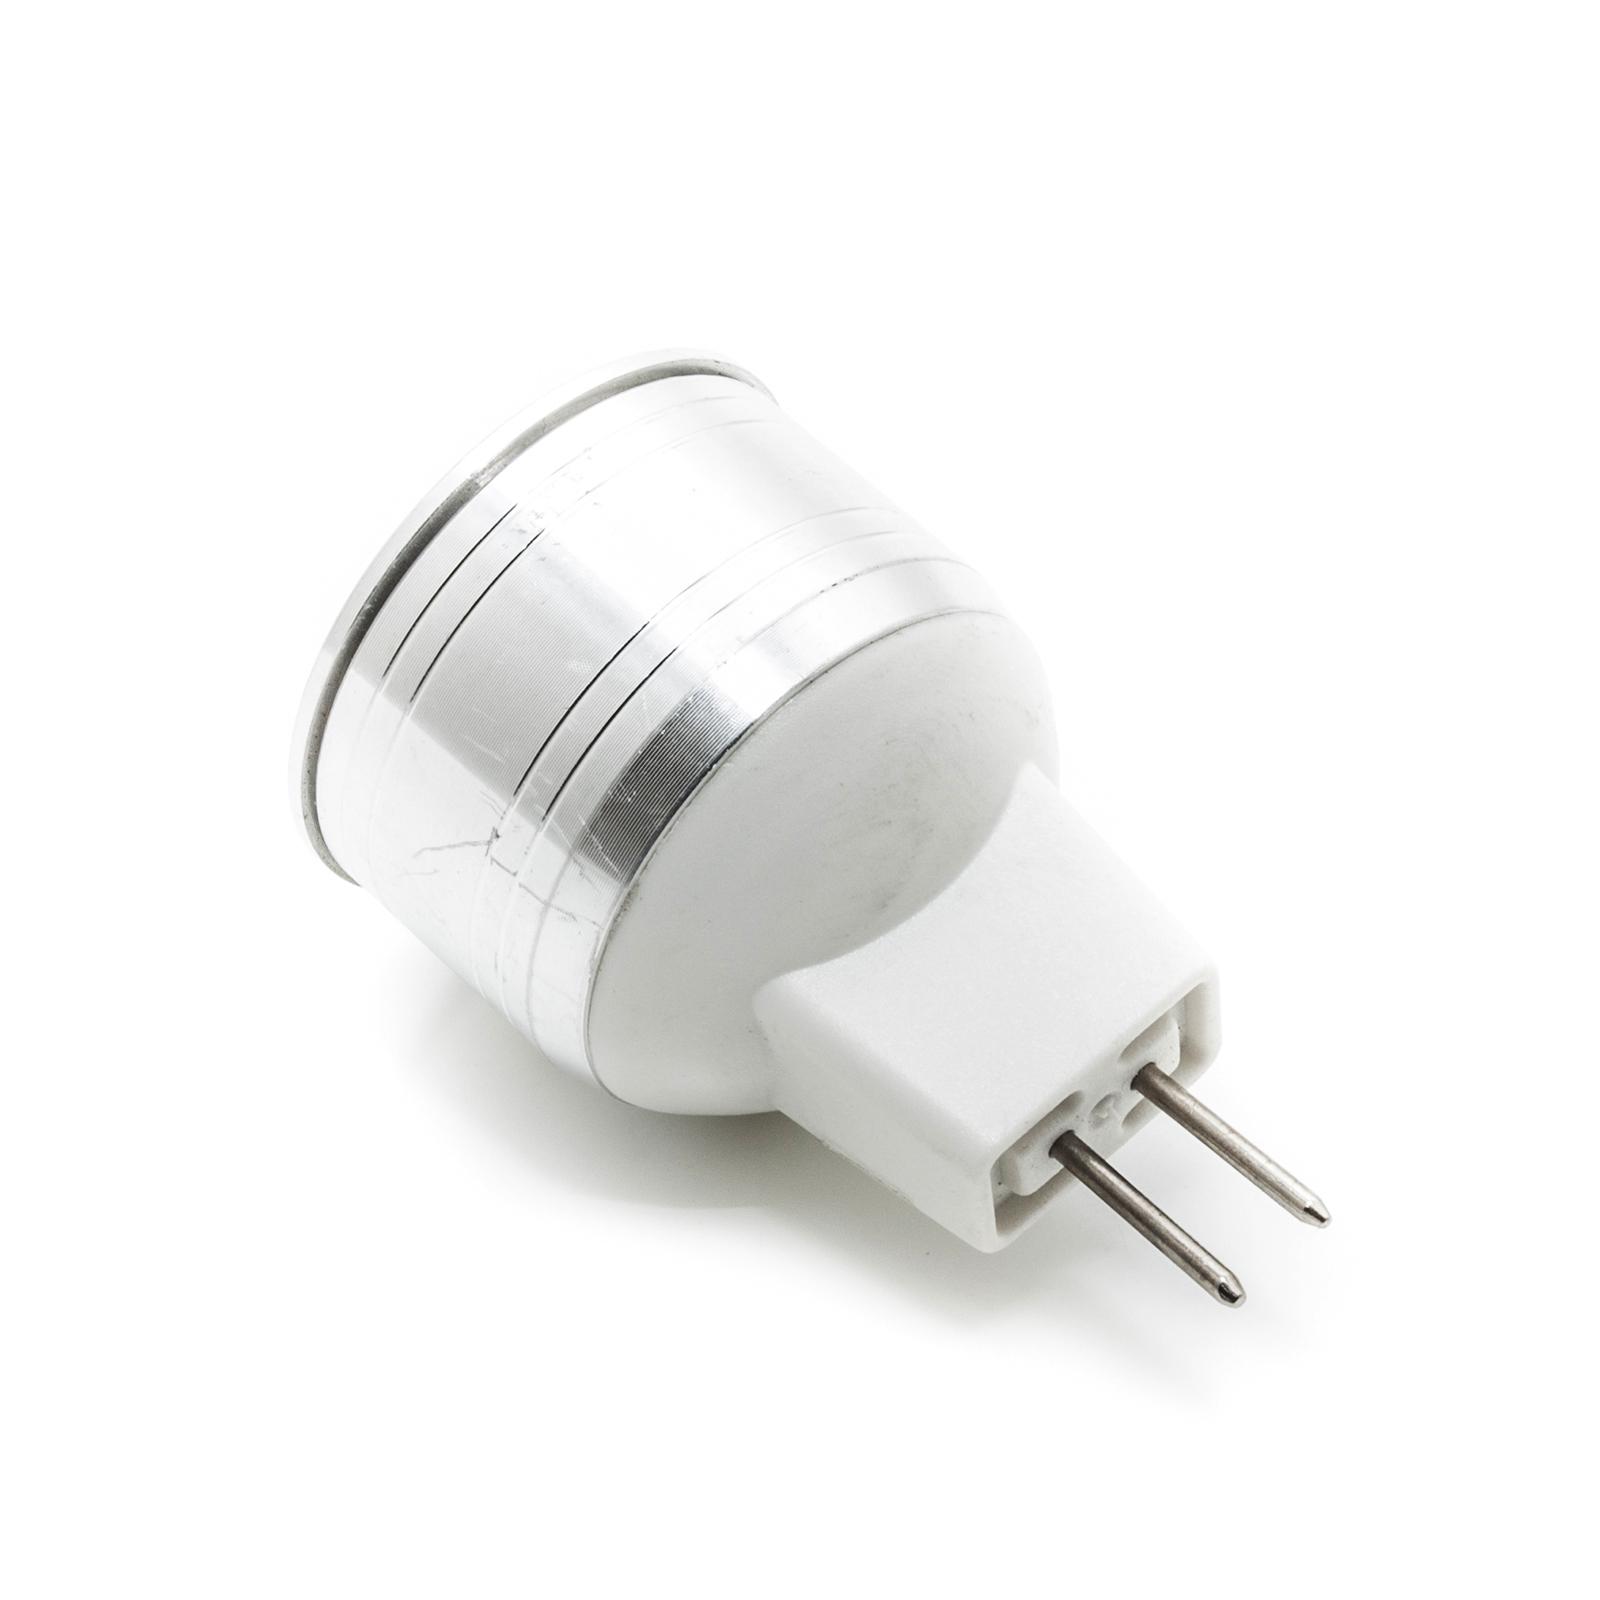 Lumière Lampe G4 1 W 12v Ampoule De Led Mr11 Degrés Spot 10w 30 L'angle Projecteur IfvY7mby6g